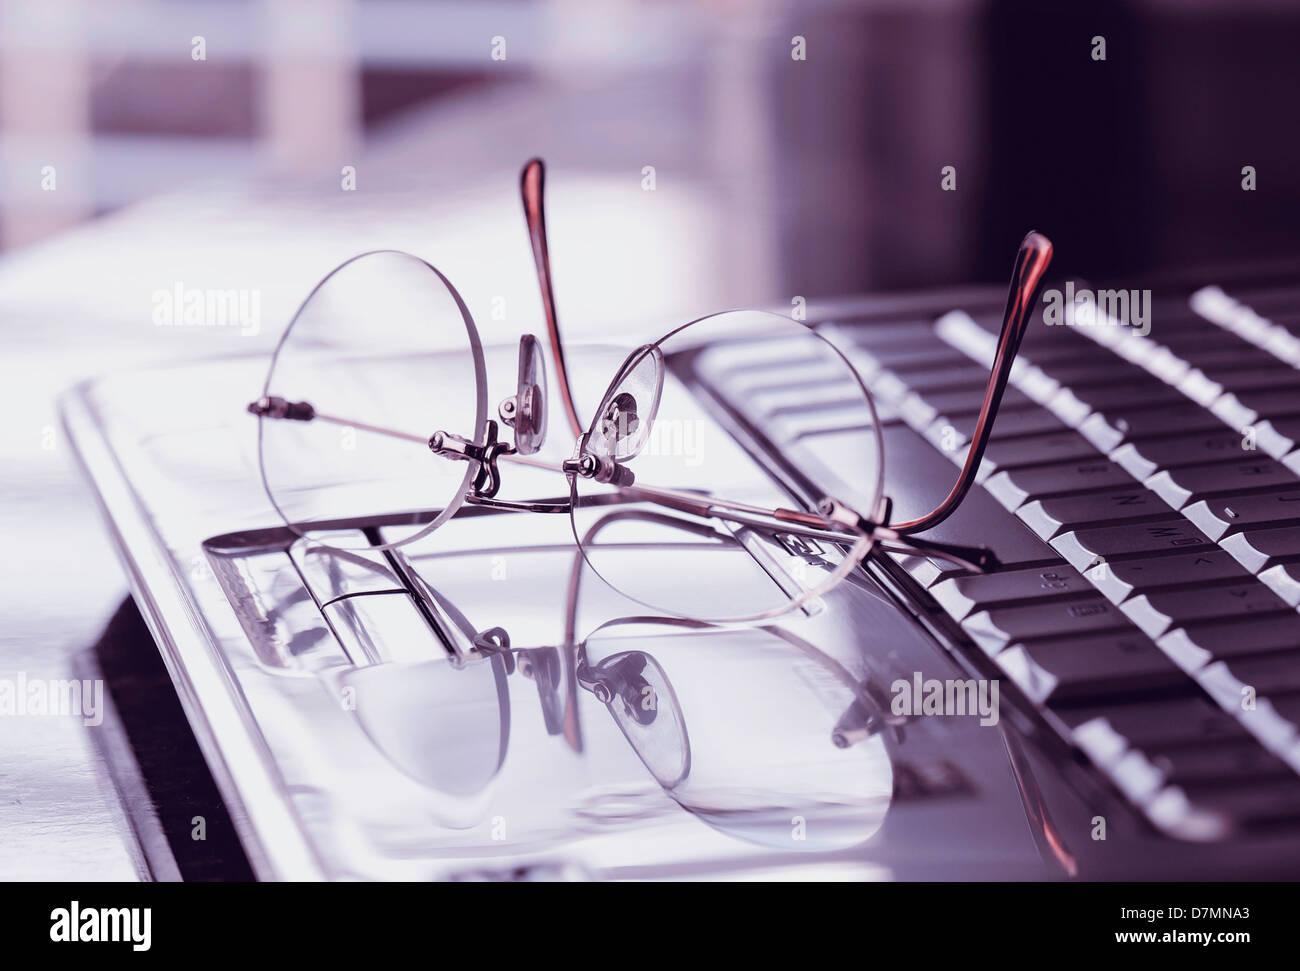 La recherche sur Internet, conceptual image Photo Stock